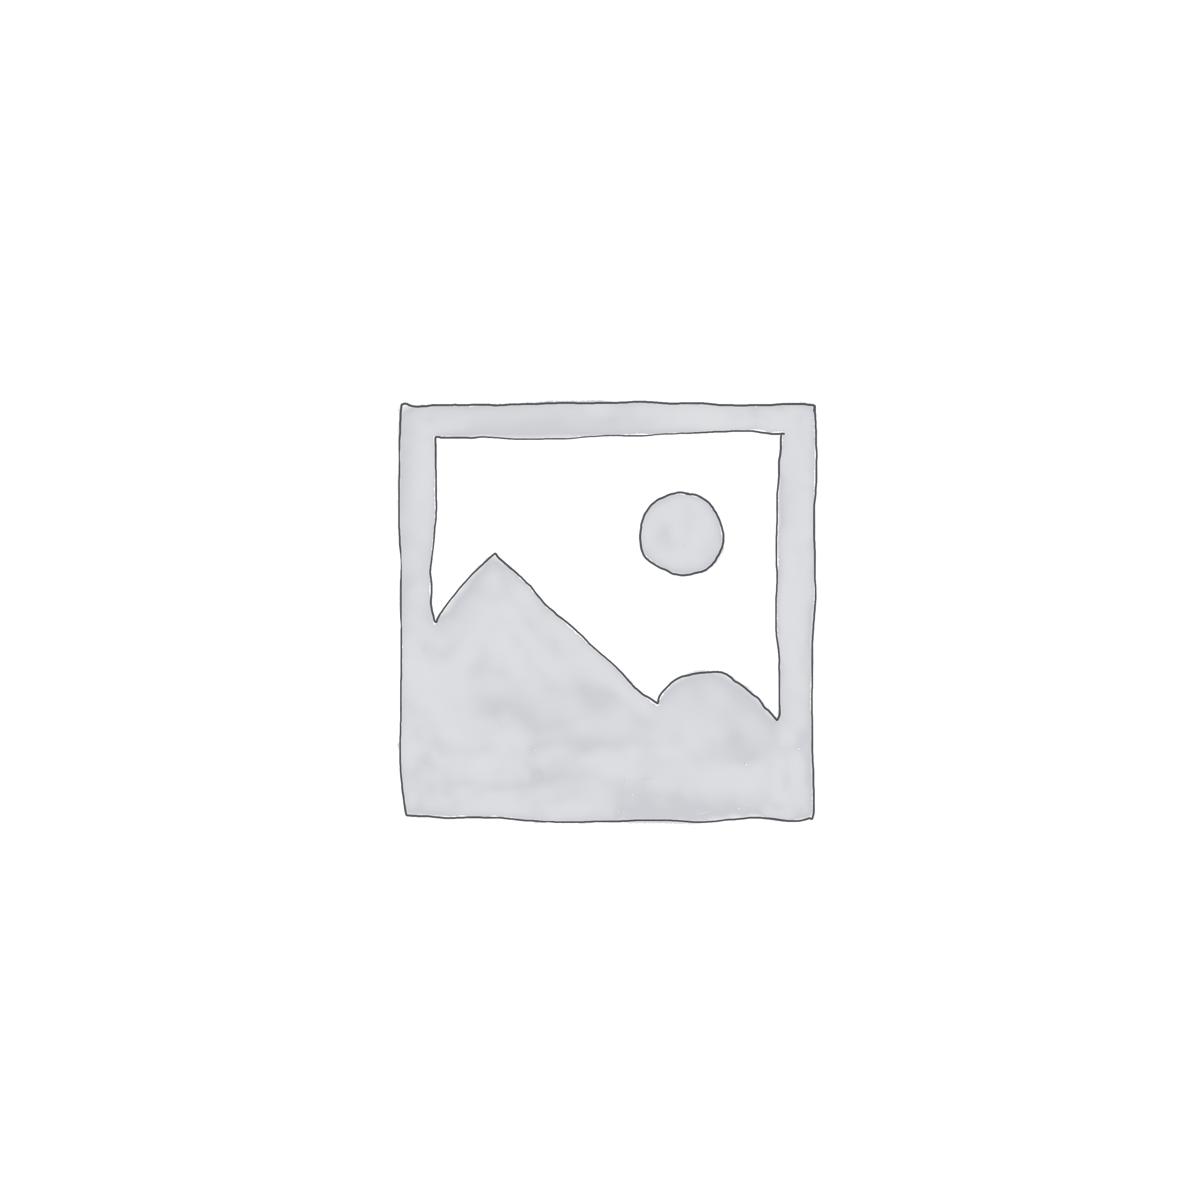 Steckschlüssel-Einsatz 2784SLg · Rillenprofil Leichtbaumutter